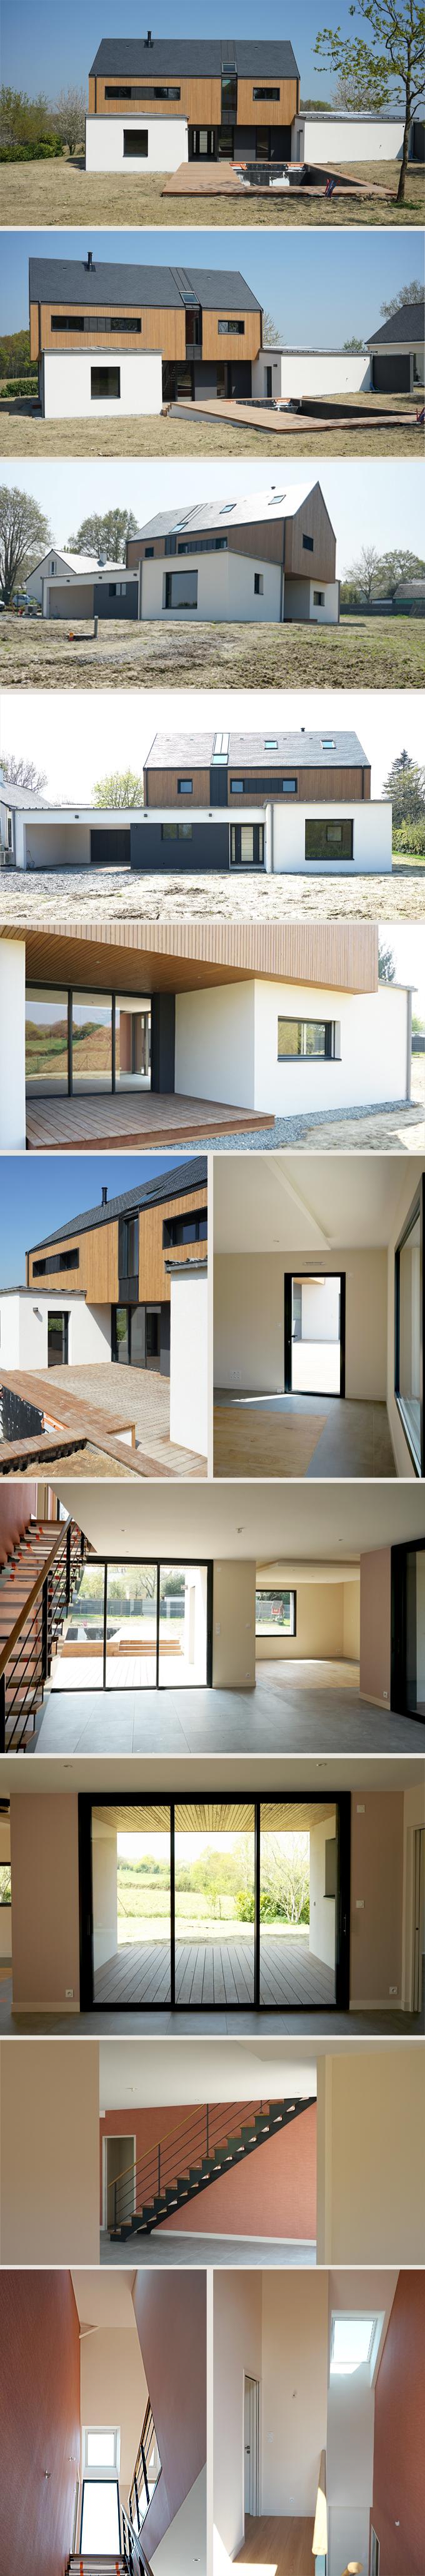 Construction d'une habitation - TREILLERES (44)